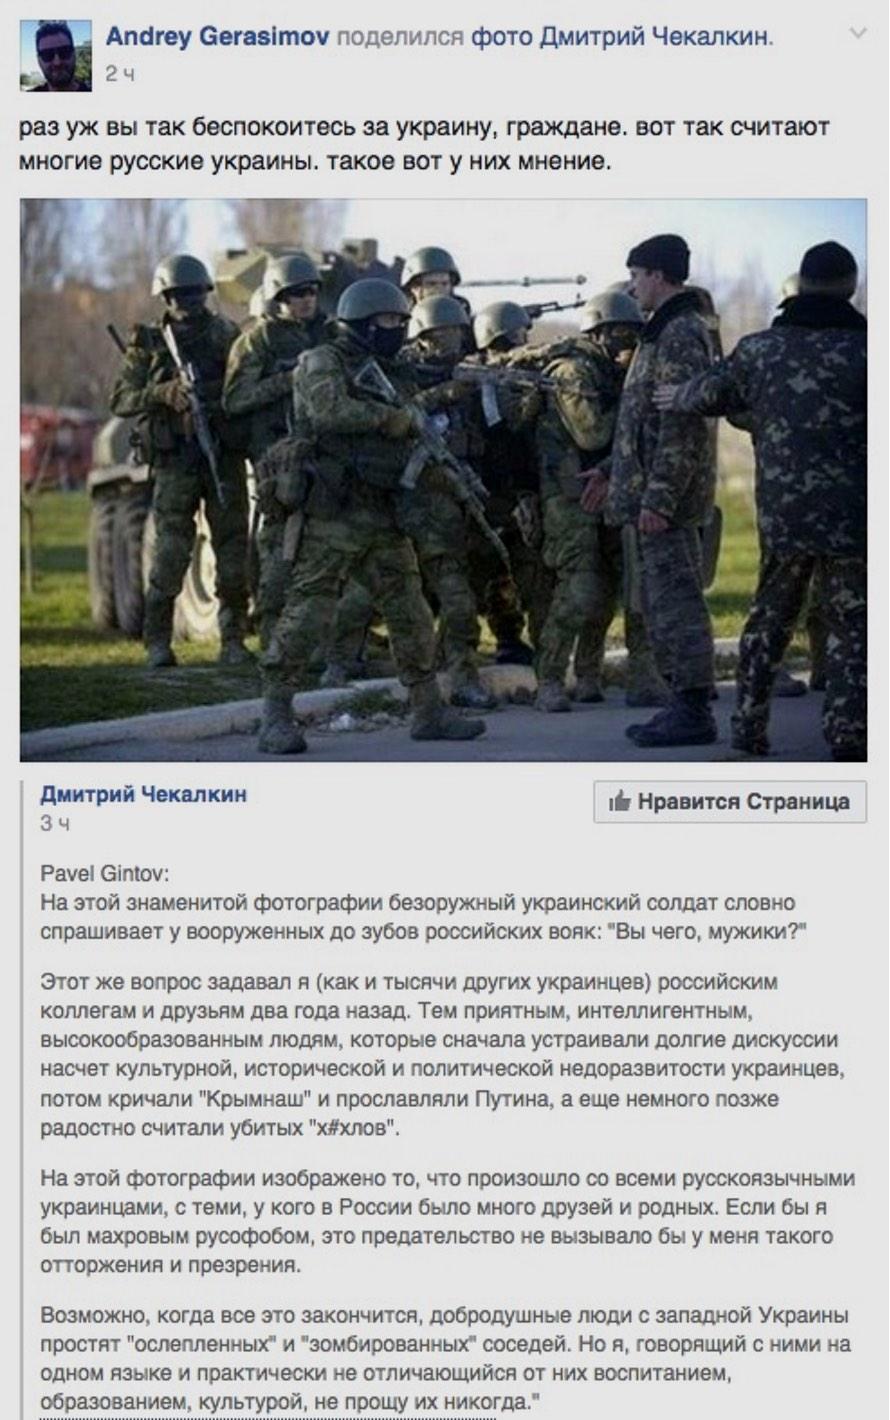 Русское порно видео с тегом Рунетки бесплатно